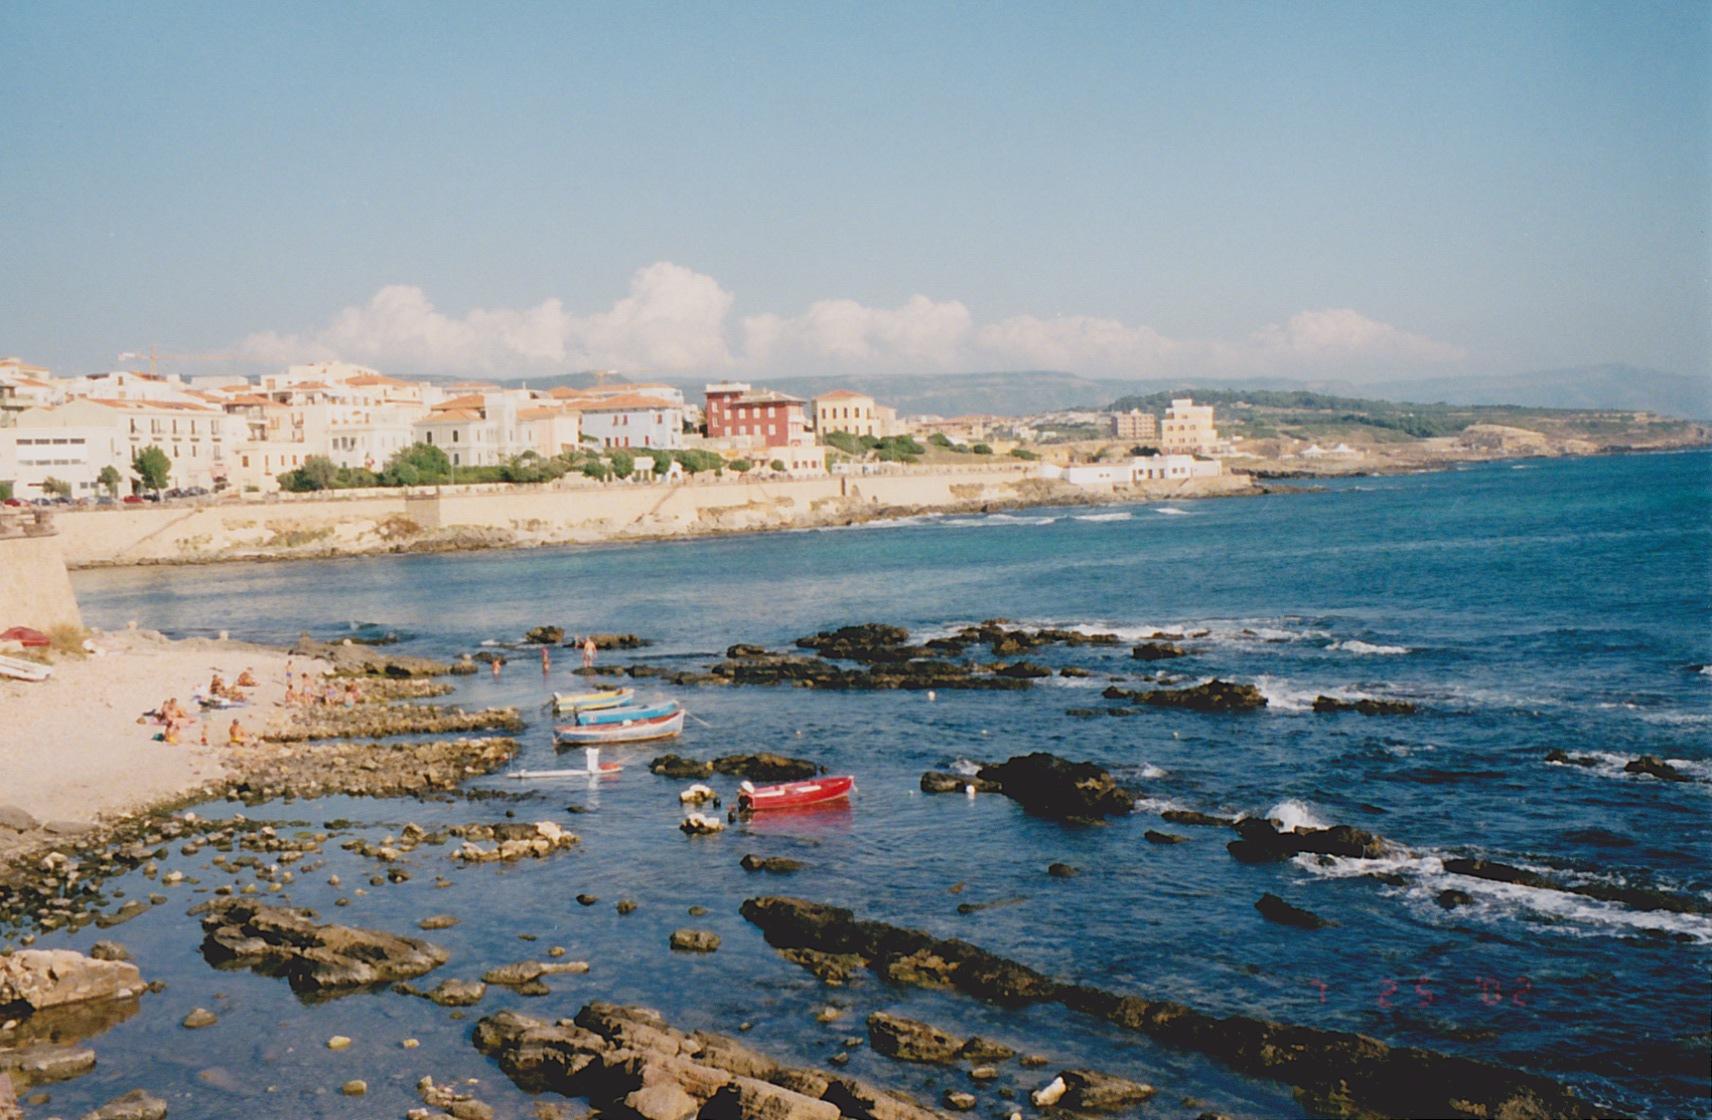 Alghero, Sardinia, 2002